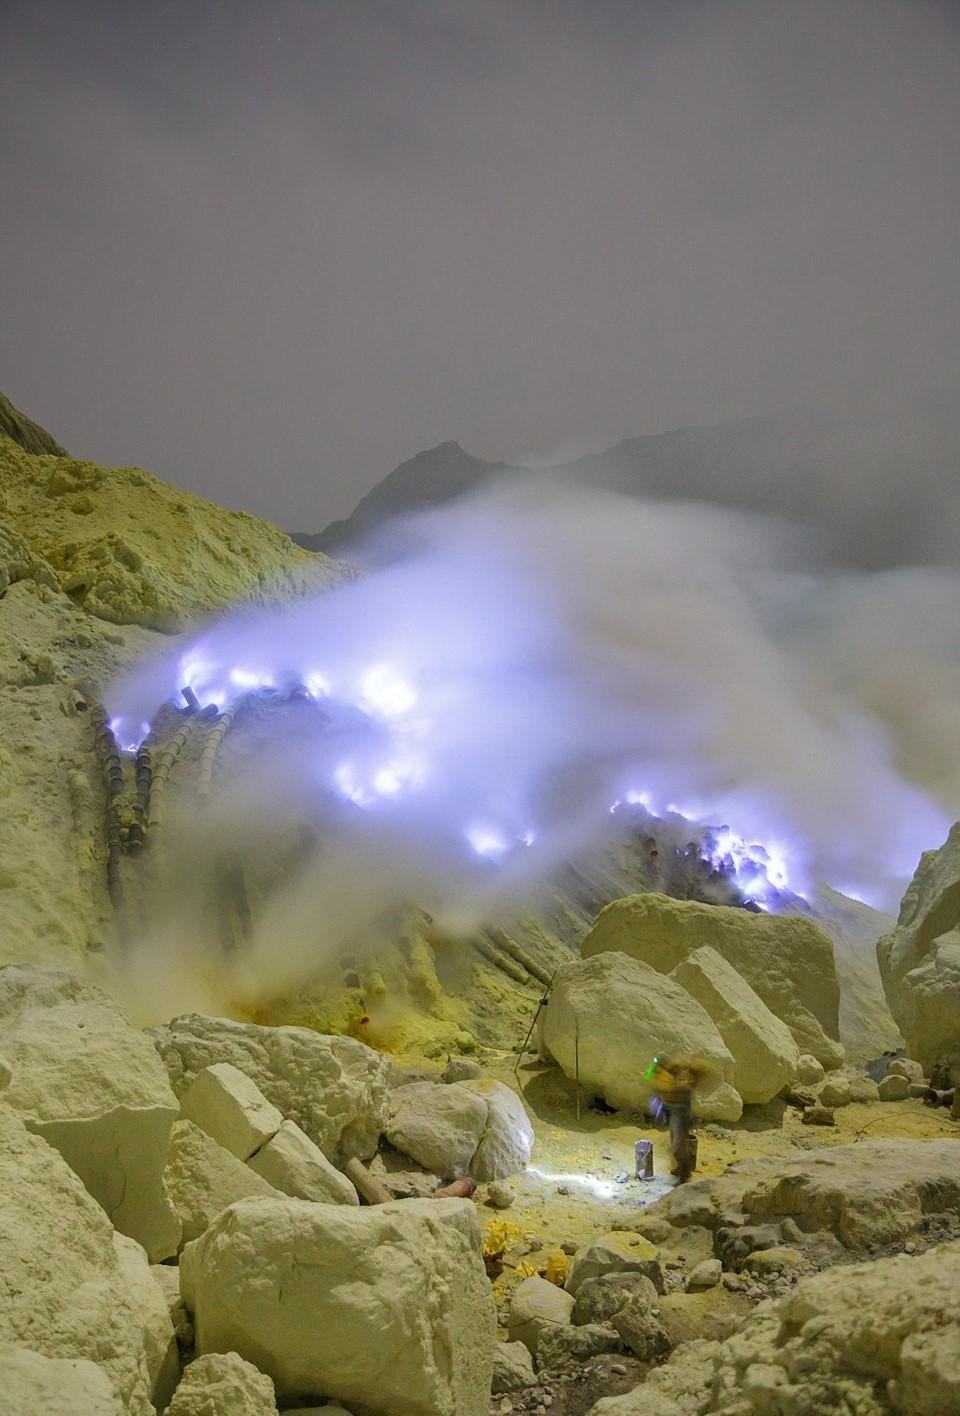 Chính quyền địa phương đã hạn chế hoạt động du lịch nguy hiểm này. Tuy nhiên nhiều du khách tò mò vẫn tìm tới đây. Trong 30 năm qua, đã có hơn 12 thợ mỏ và 1 du khách nước ngoài thiệt mạng vì khí độc từ mỏ lưu huỳnh của núi Kawah ljen.